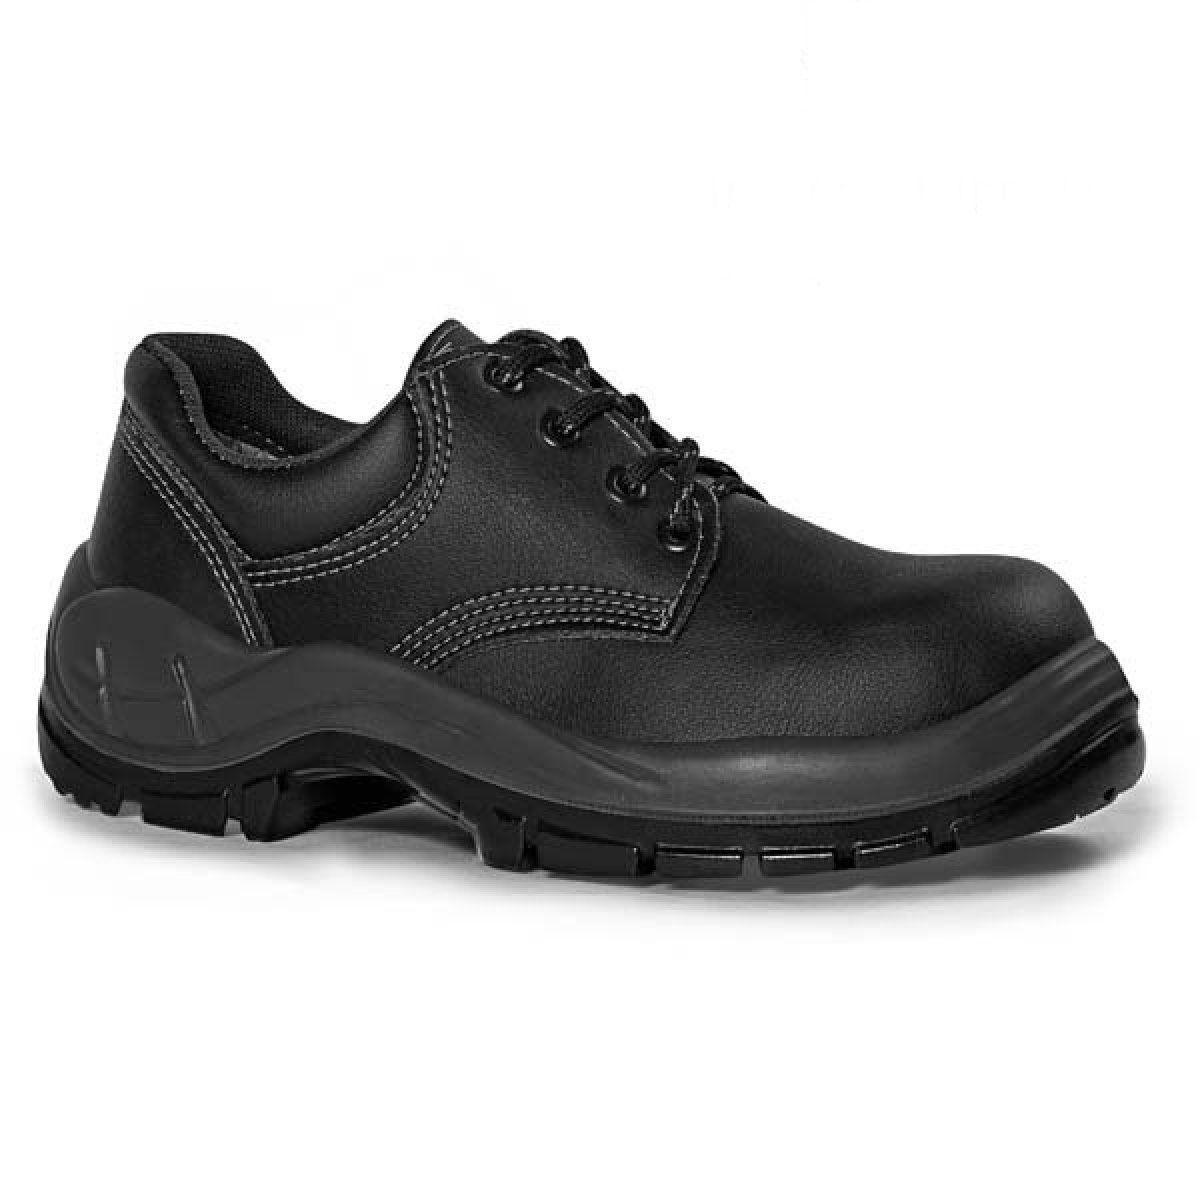 Sapato c/ Cadarço Bidensidade c/ Bico de Aço Preto N°37 - BRACOL